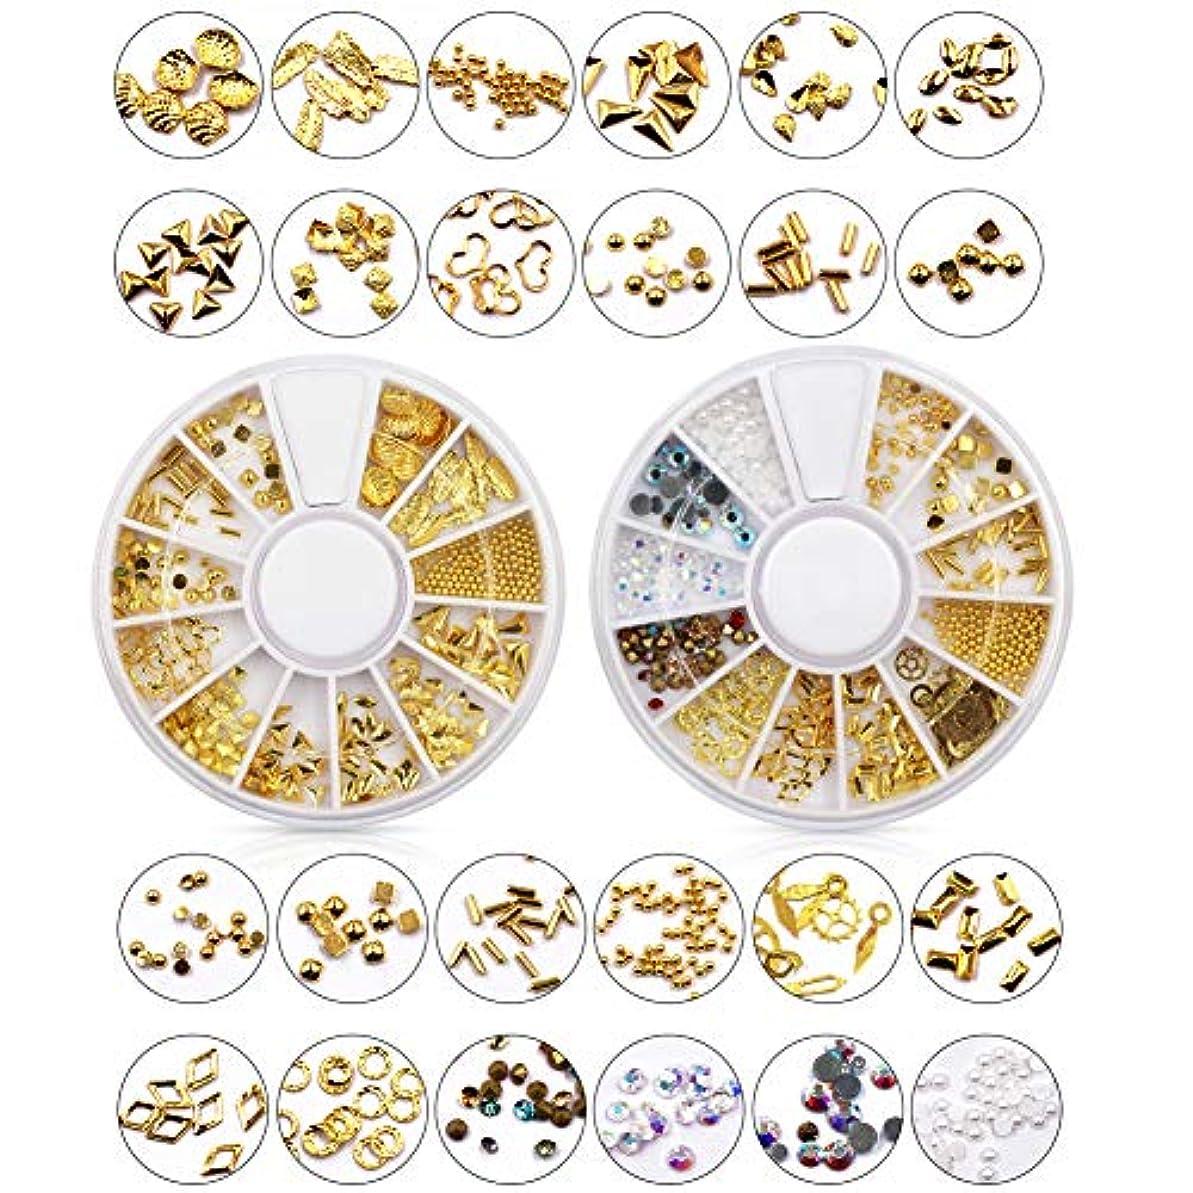 セールを必要としています中傷メーリンドス ネイルアートデザインパーツ ゴールドスタッズセット ジェルネイルレジン用 プロラインストーン&半円パール&合金 24種セット